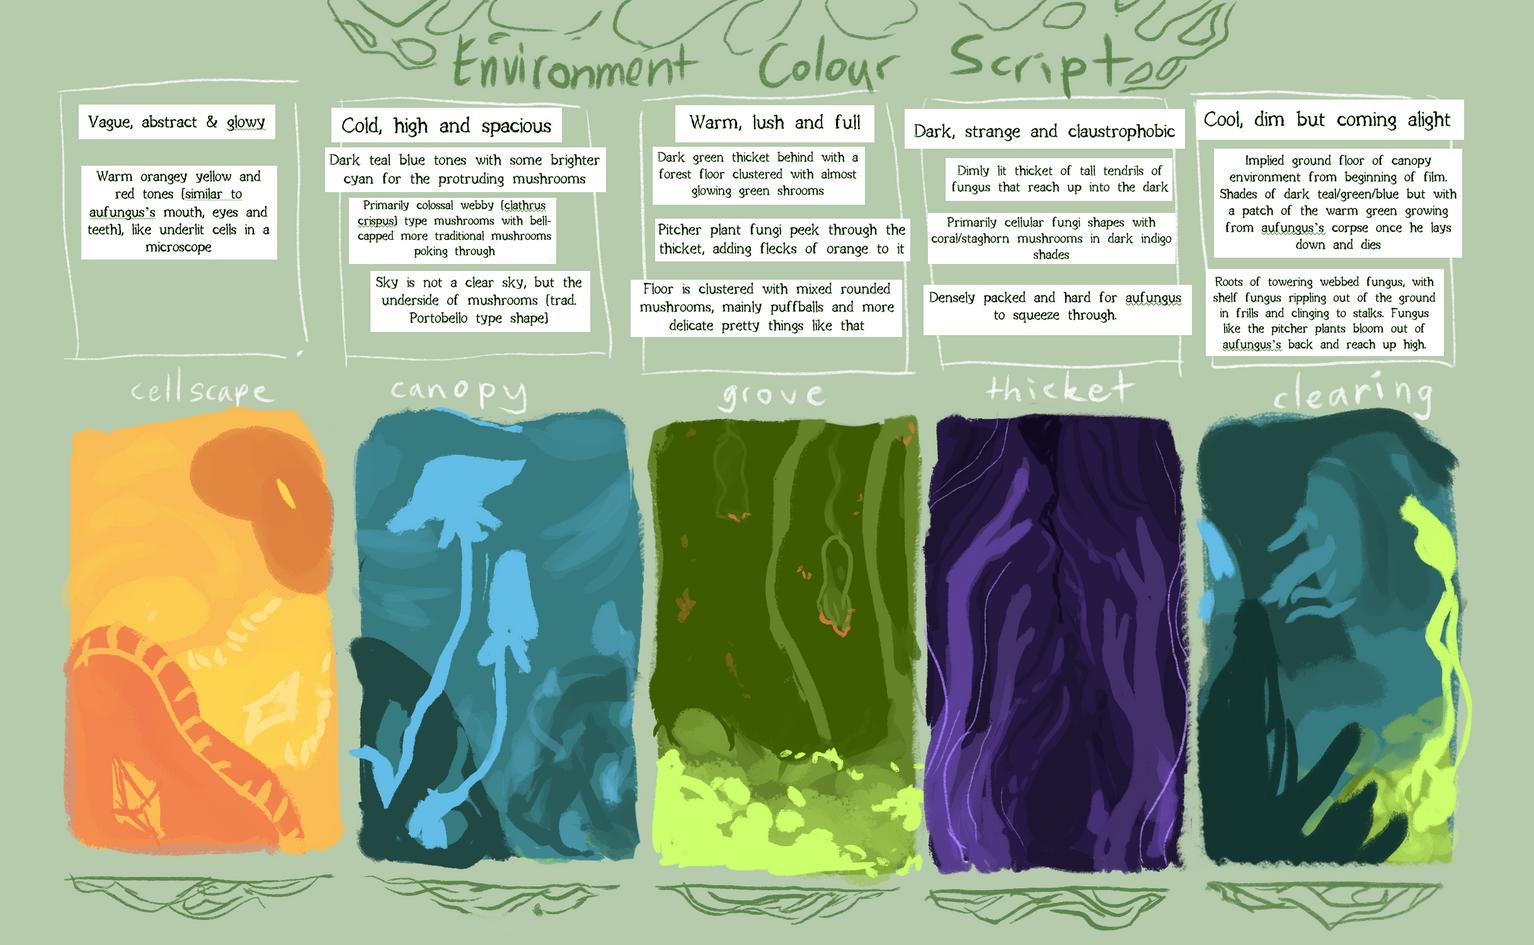 FRAGILE: environment colour script